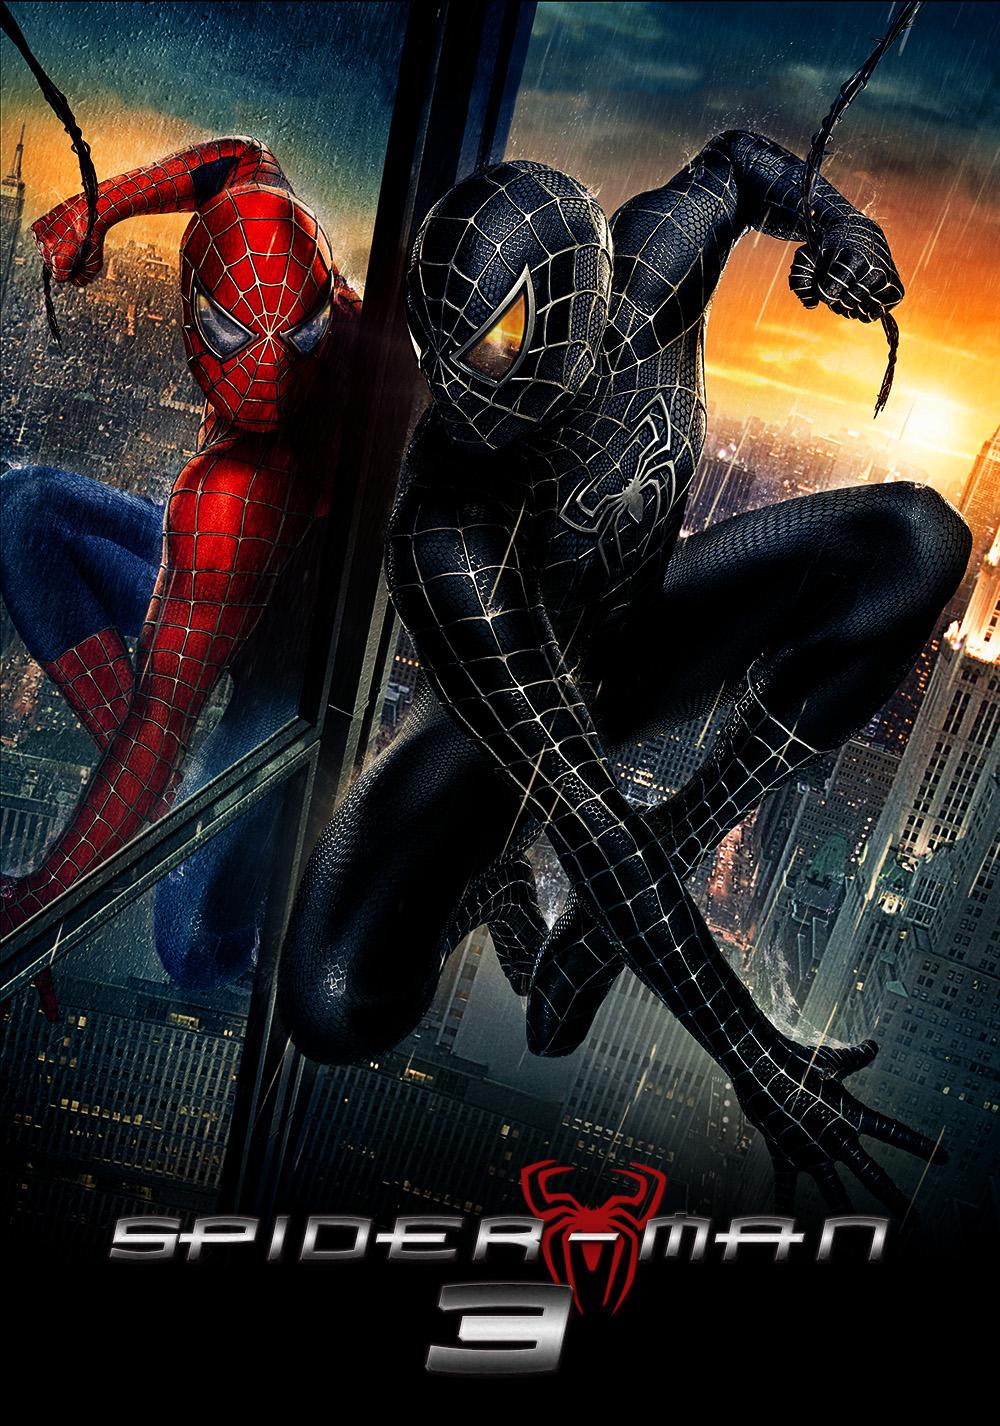 spider man 3 in 720p downlaod